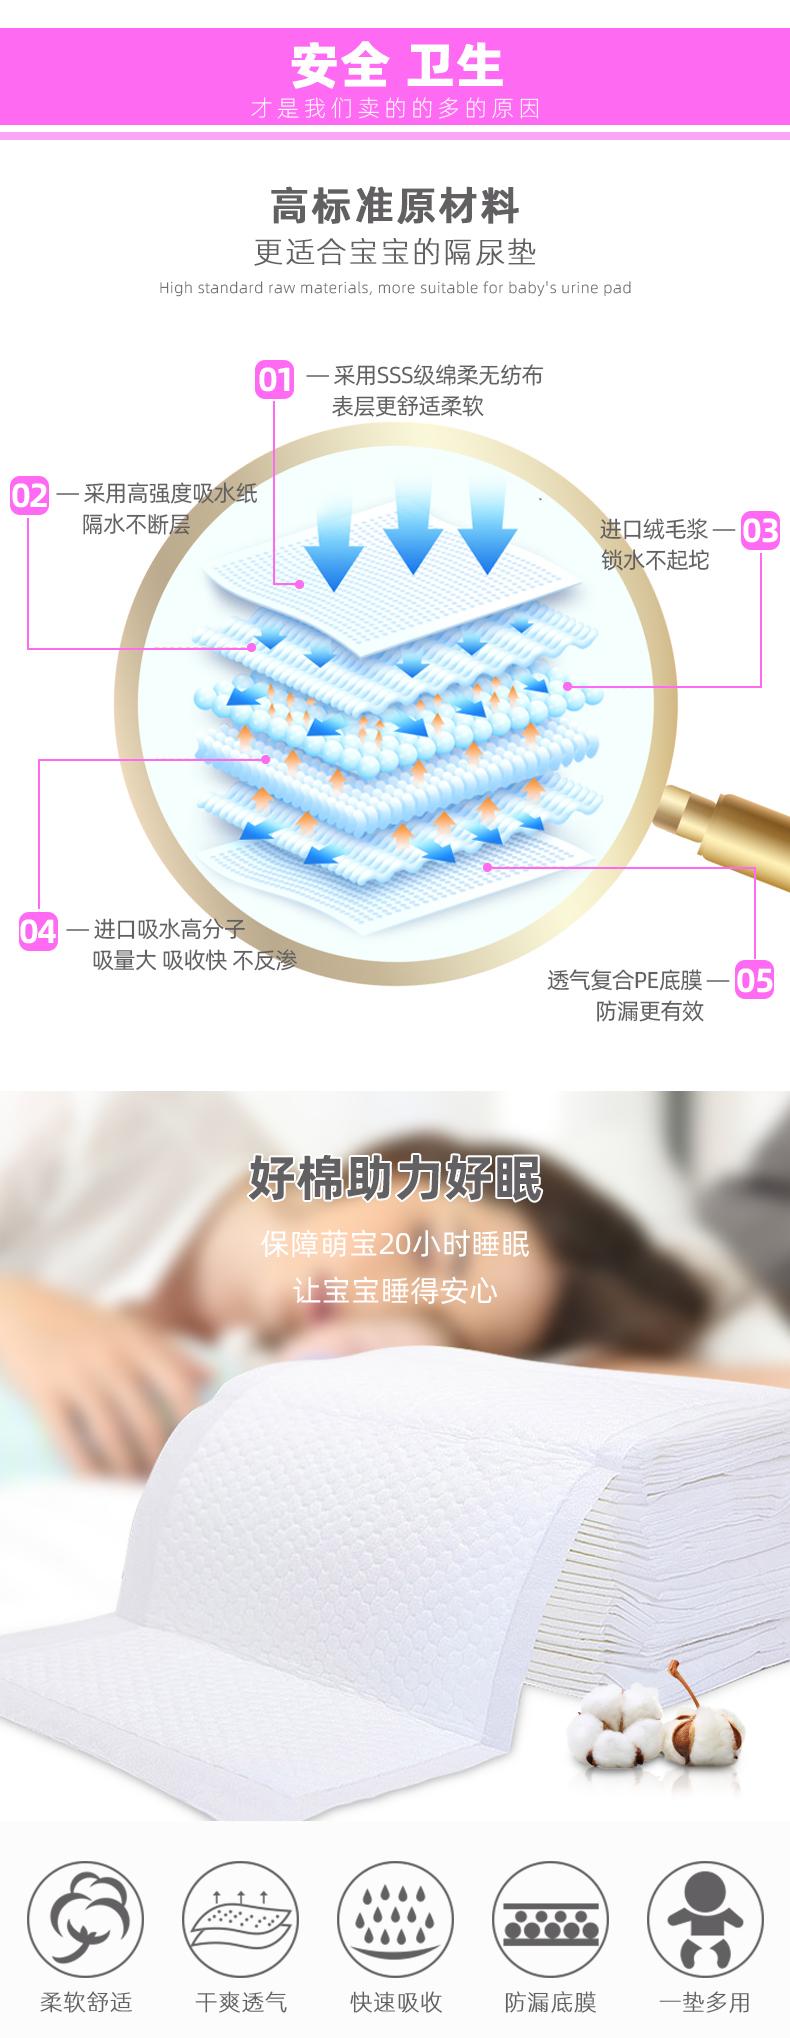 小布头儿 婴儿隔尿垫 一次性宝宝纸尿垫 护理垫 新生儿尿片 儿童隔尿垫巾床垫 M码 55片45*35CM*2包装